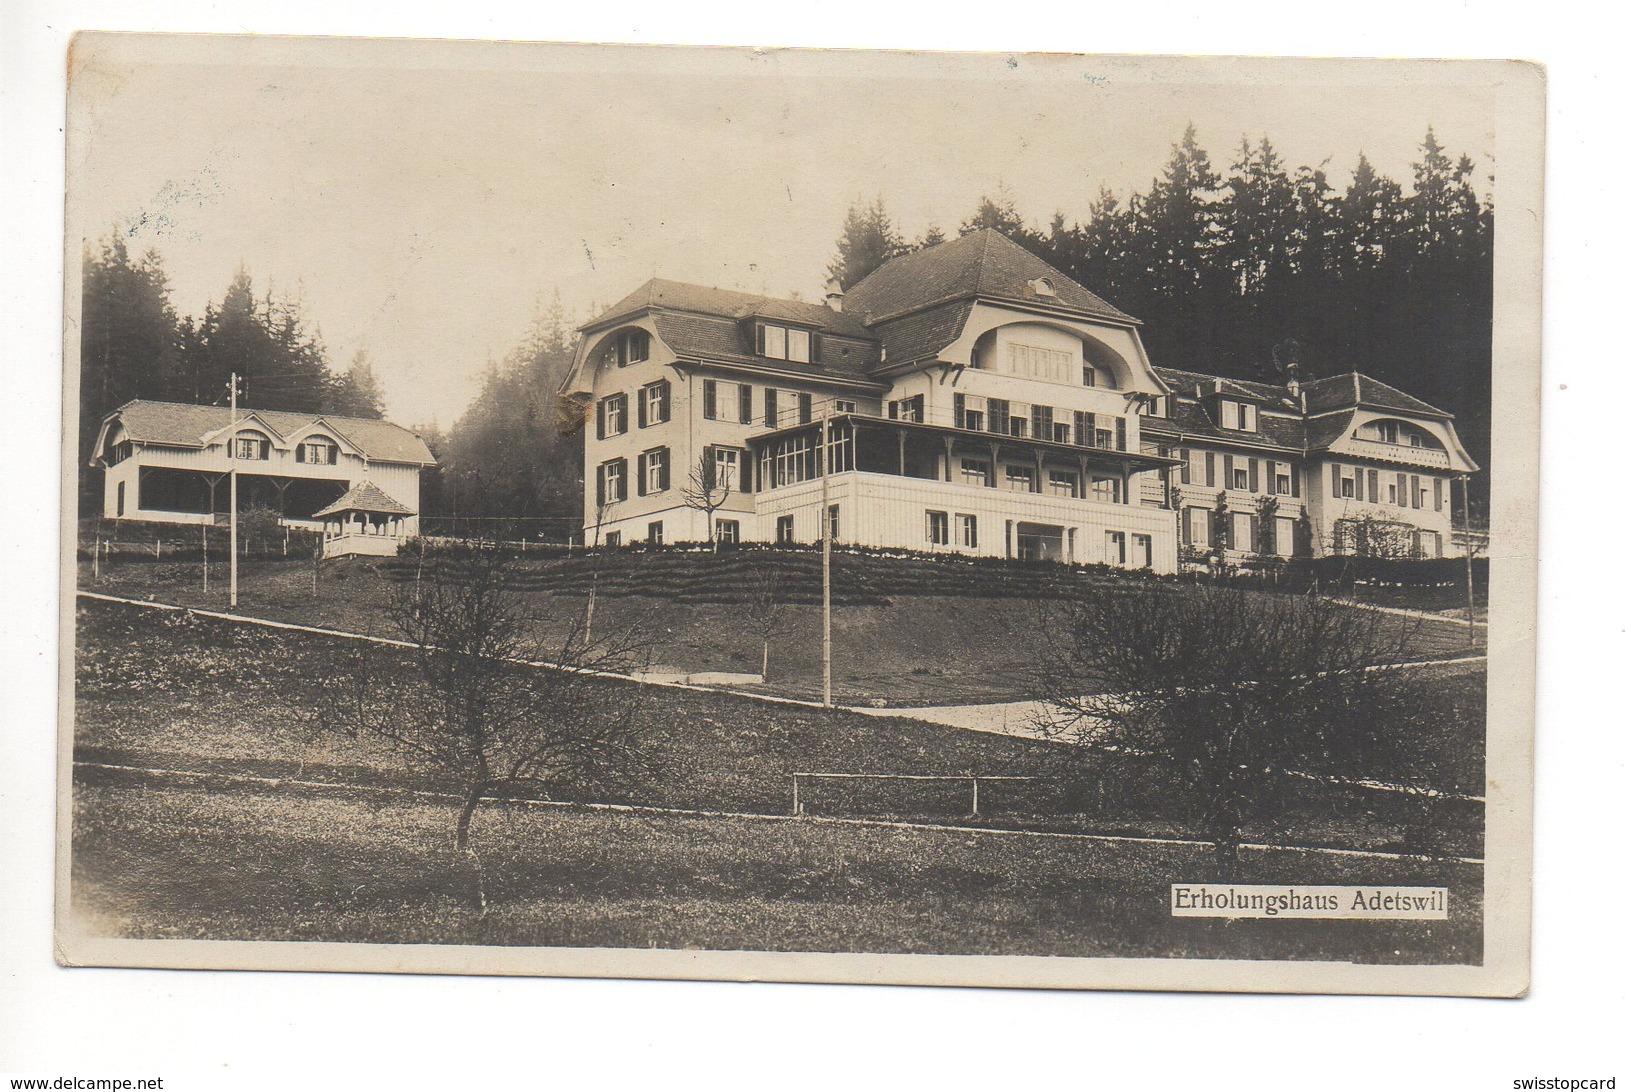 ADETSWIL Erholungshaus Gel. 1921 V. Bäretswil N. Wald - ZH Zurich